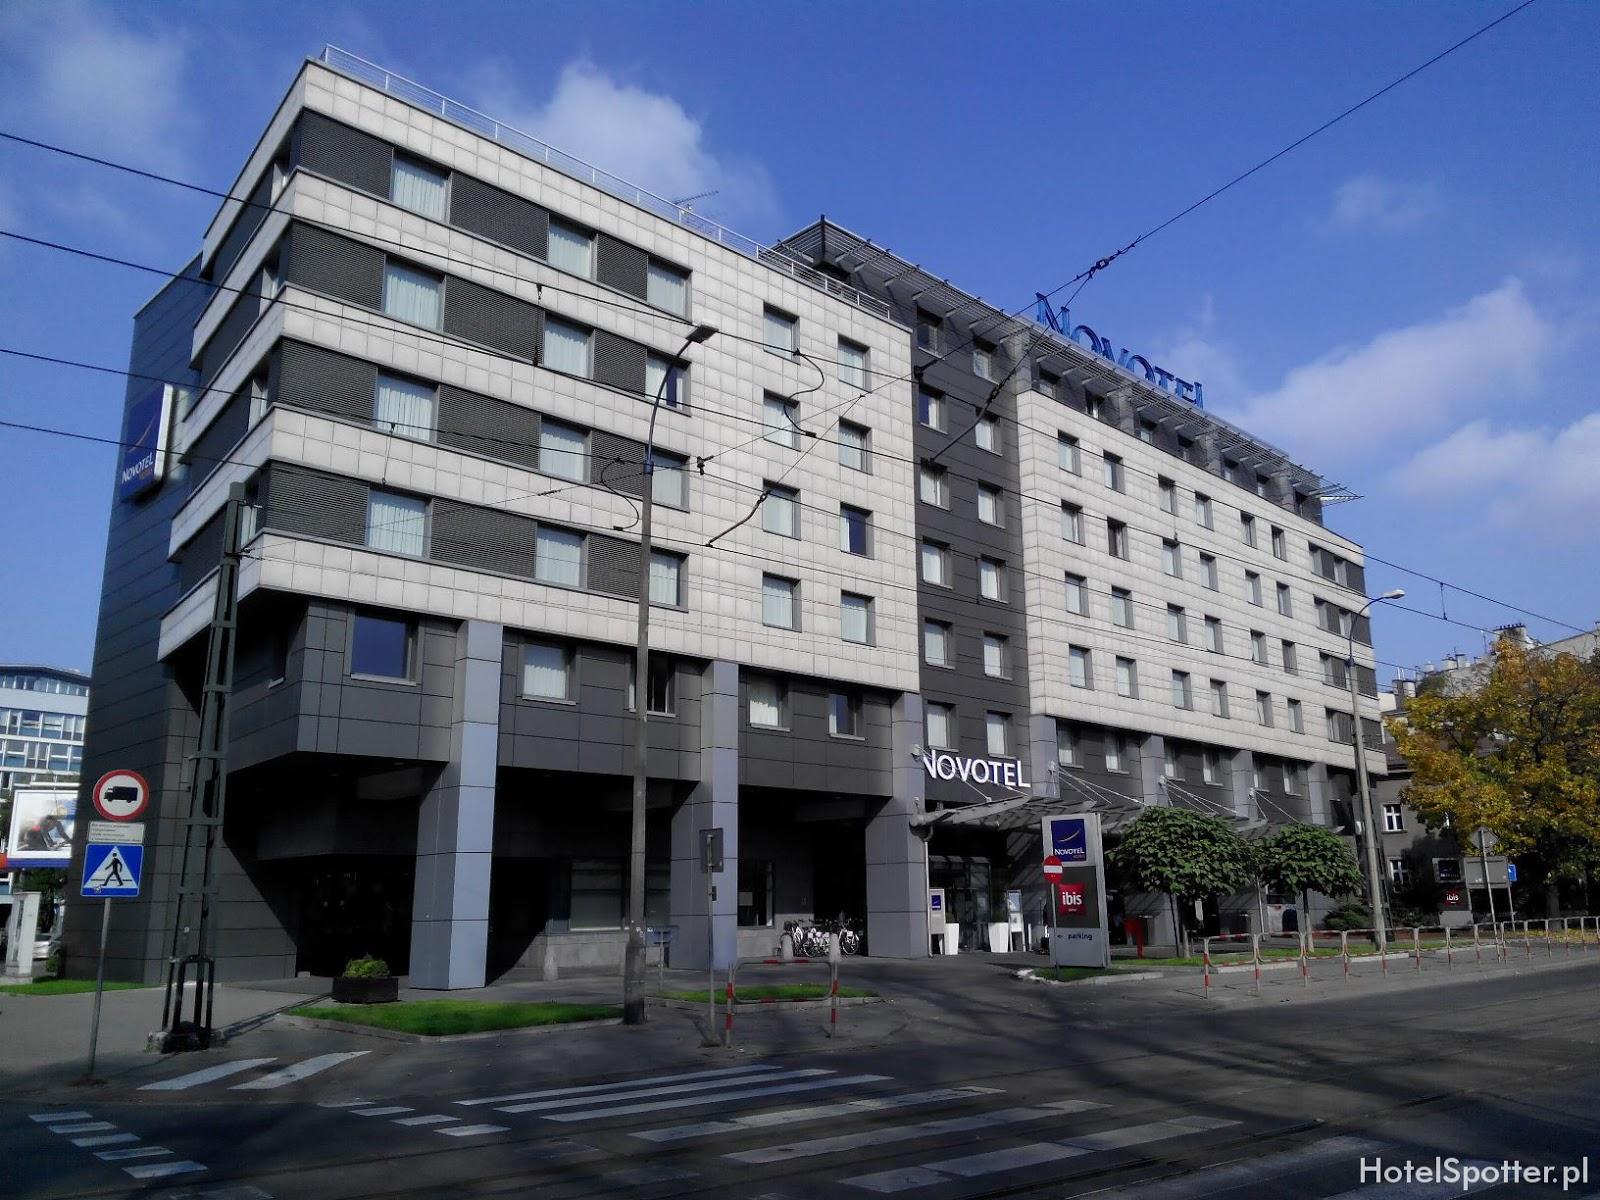 Novotel Krakow Centrum - wyglad zewnetrzny